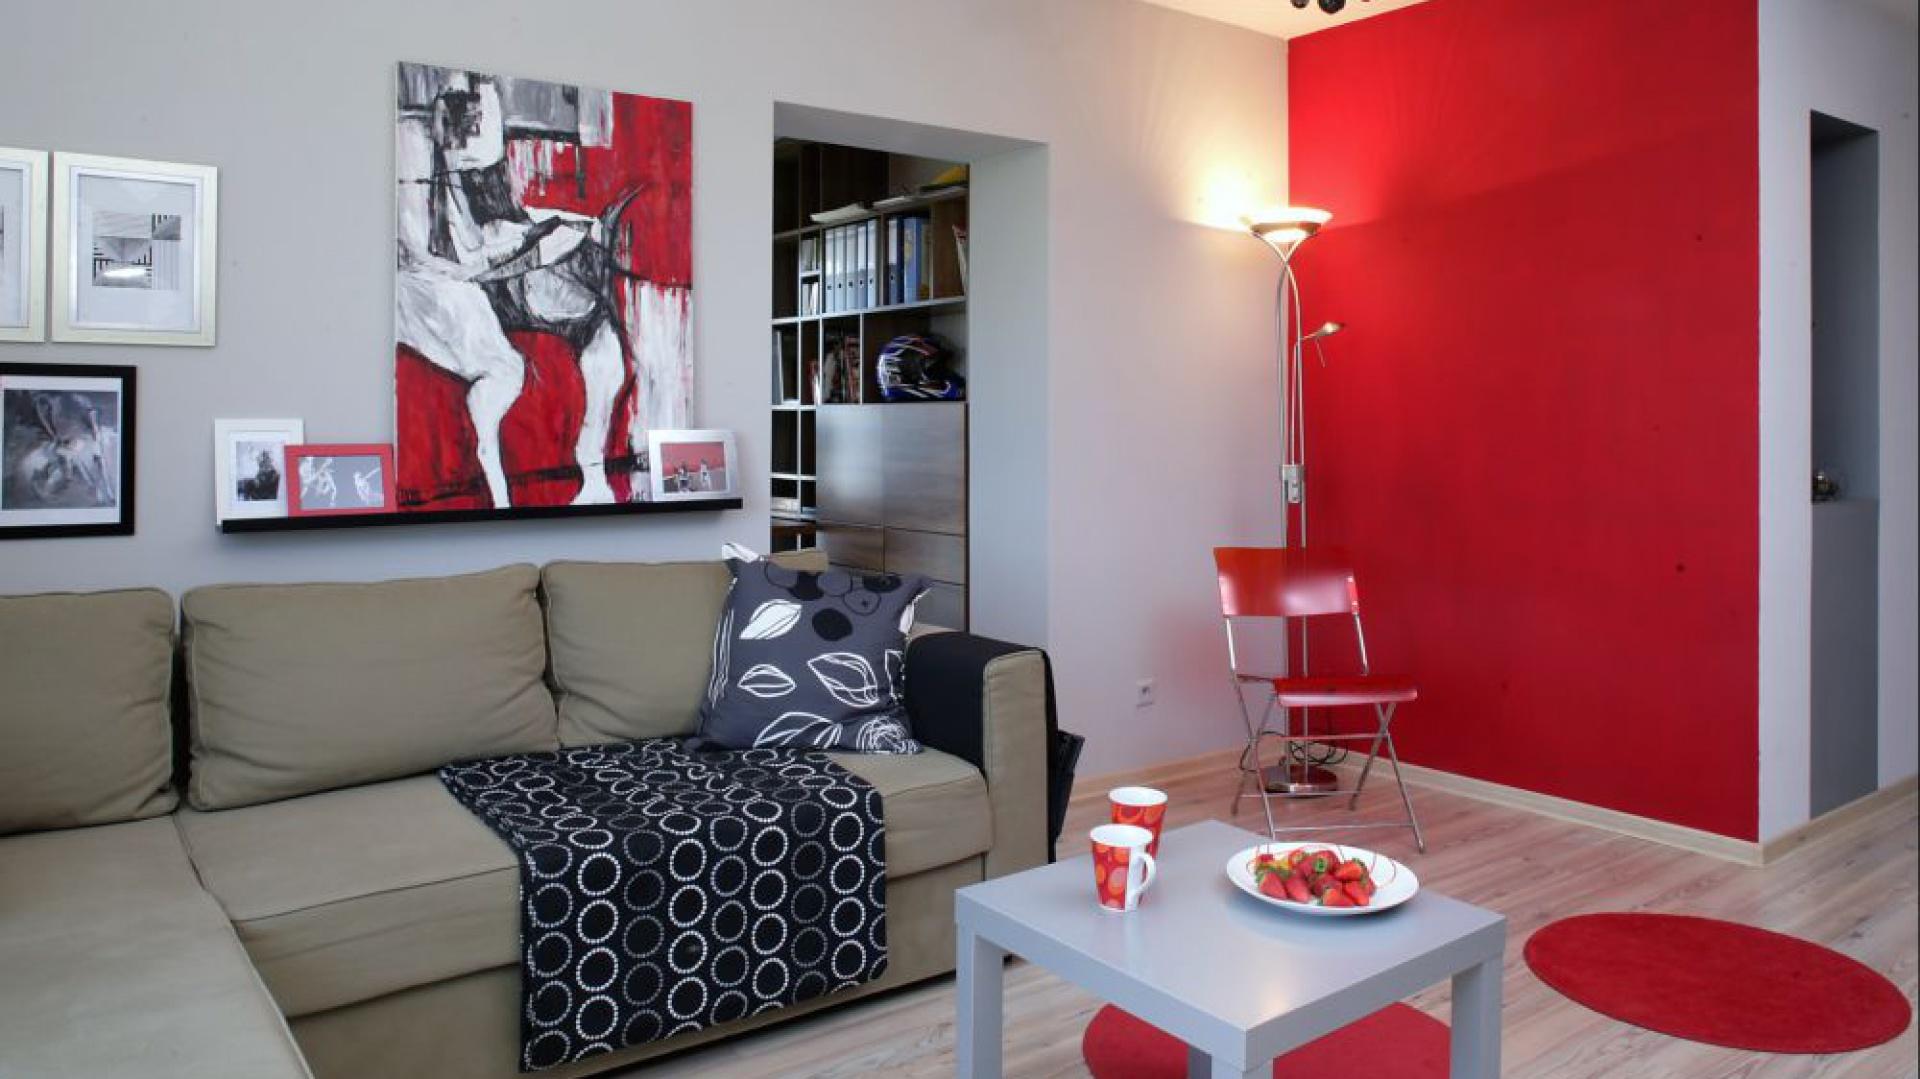 Za oliwkową kanapą (IKEA) utworzono swoistą domową galerię. Specjalne listwy pozwoliły niebanalnie wyeksponować obraz Anny Superniok oraz grafiki młodych artystów wyszukane przez architekt na digart.pl. Fot. Monika Filipiuk.